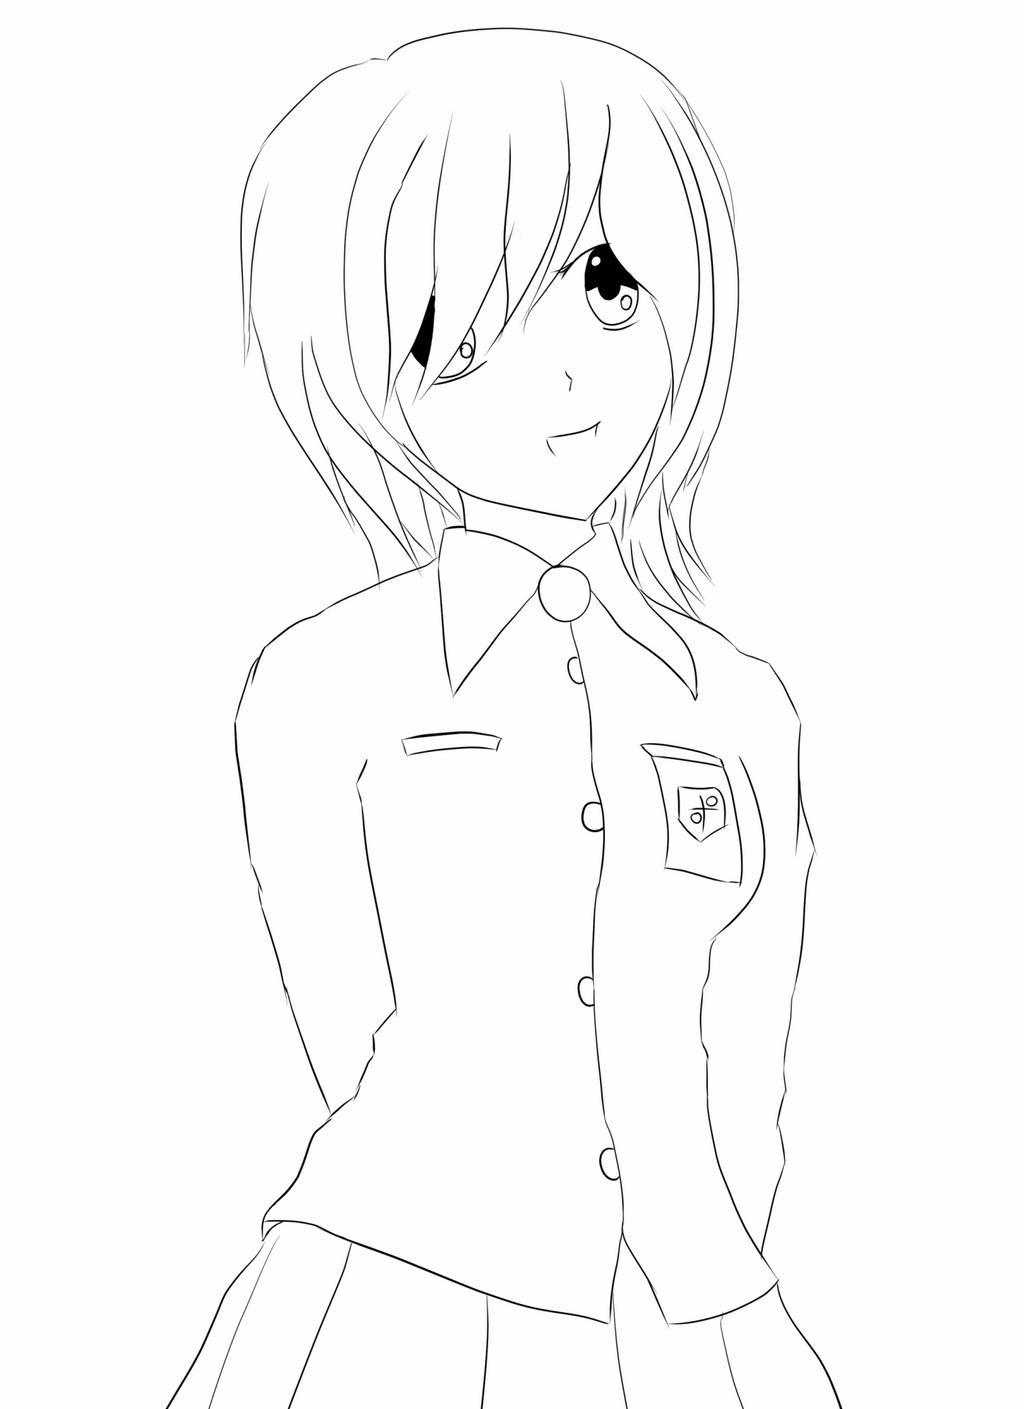 Anime Girl Lineart : Wip manga girl lineart by sebvan on deviantart